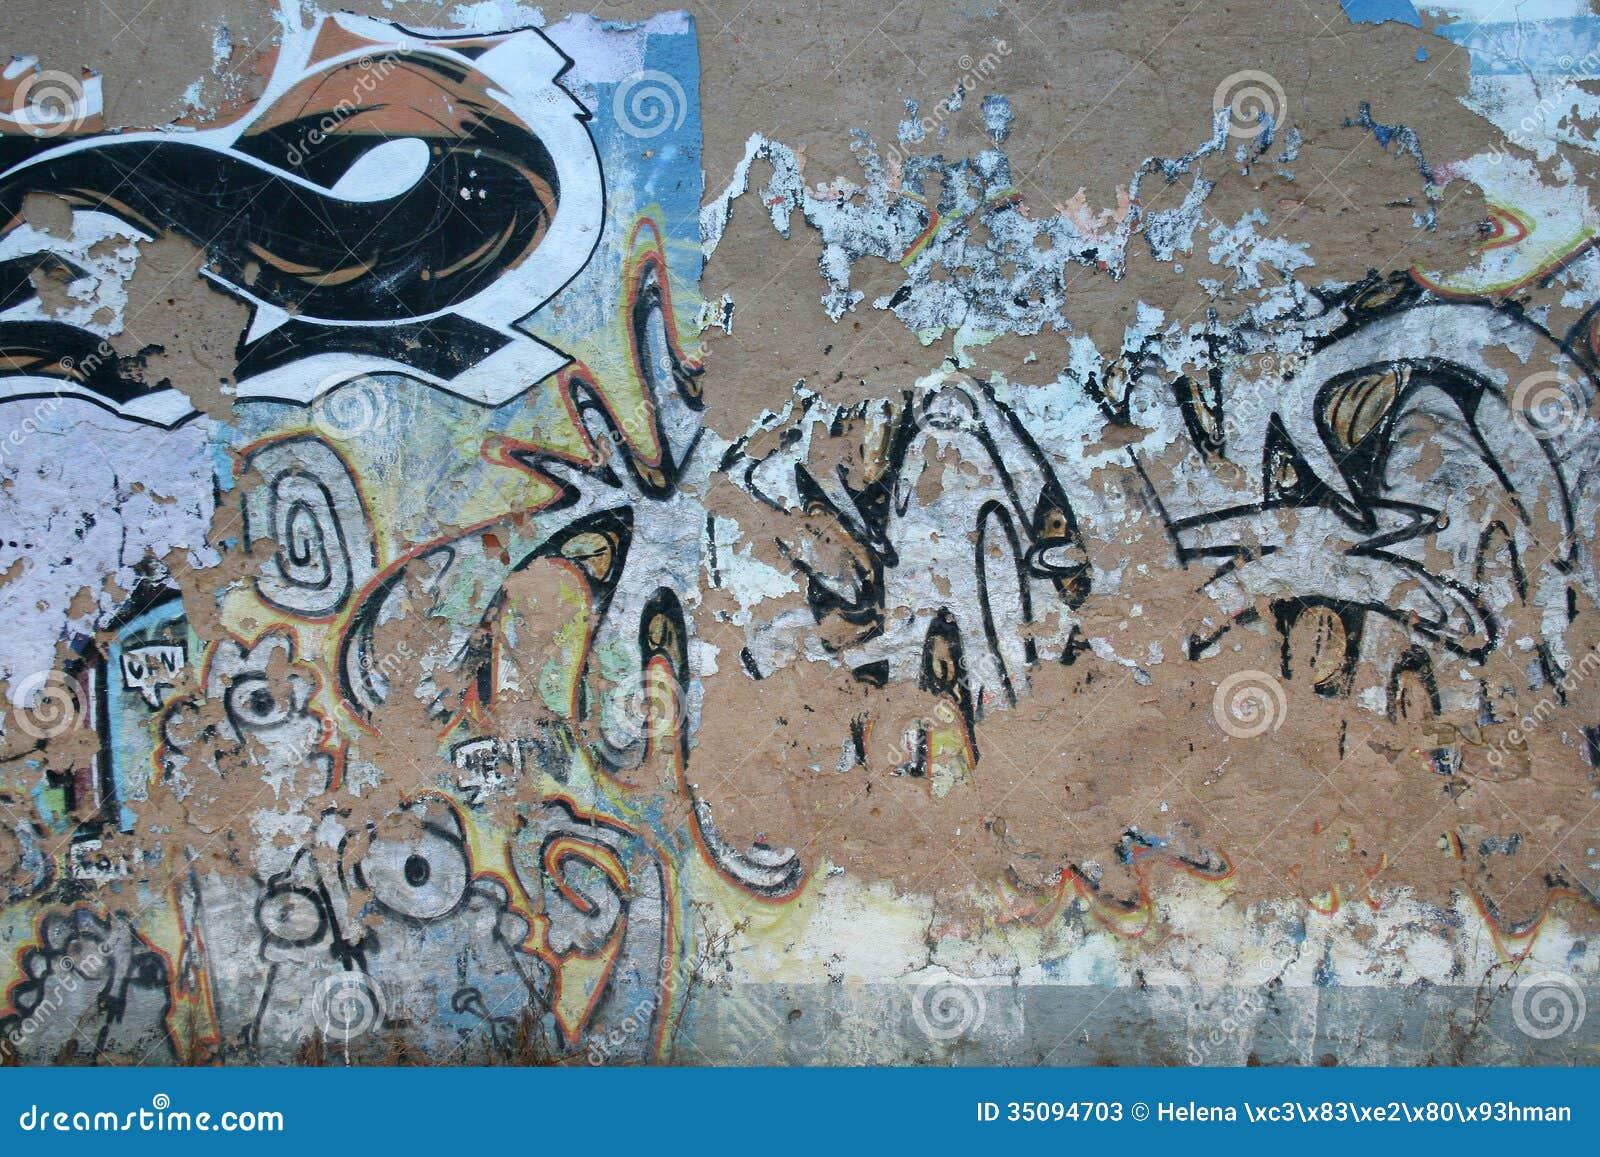 Cement Wall Graffiti : Graffiti wall background stock image of dirty